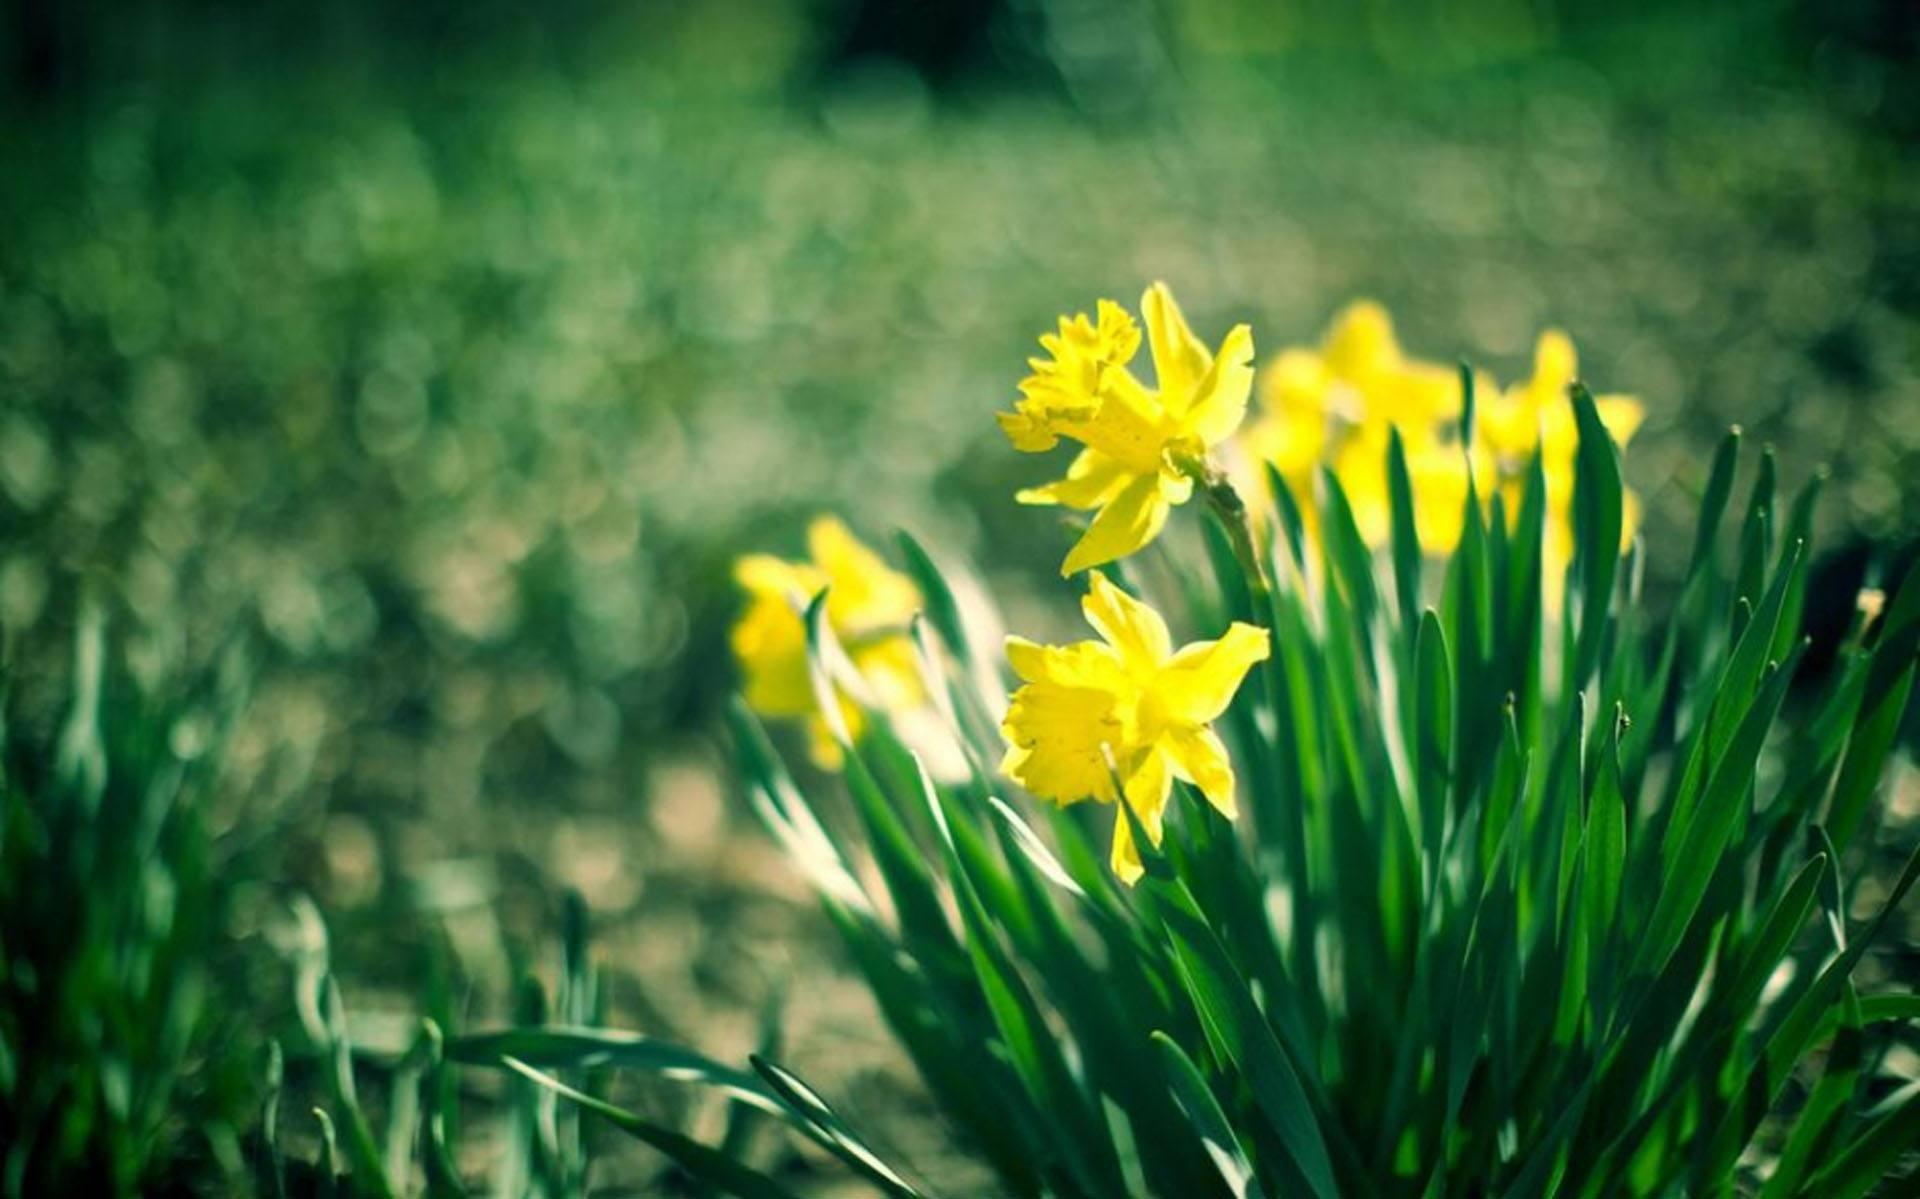 人生不妥协的简短正能量说说:坚持心中执念,不管他人是否理解